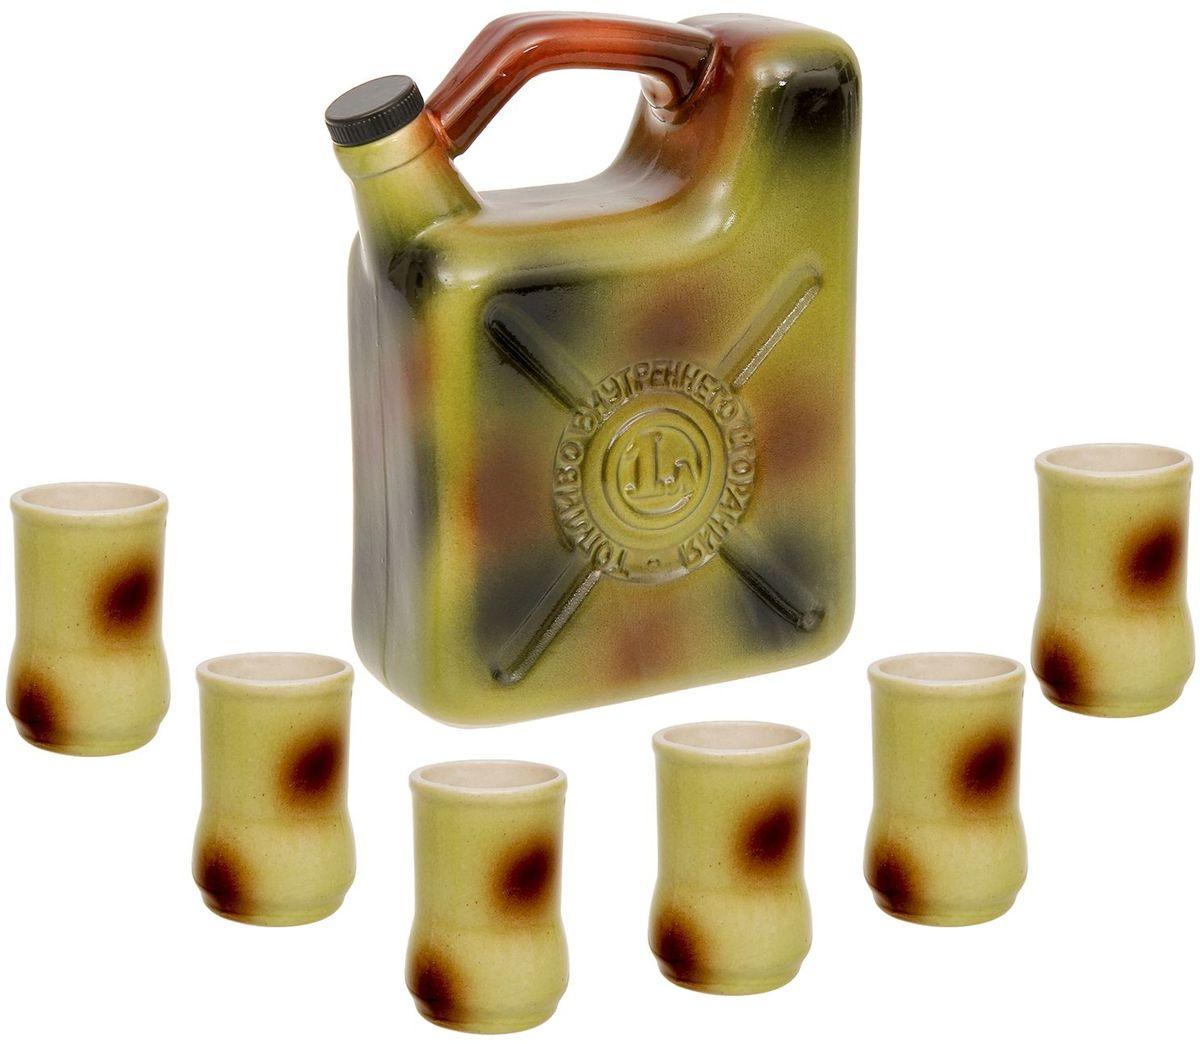 Набор винный Керамика ручной работы Канистра, 7 предметов600_салатовыйНабор винный Керамика ручной работы Канистра, изготовлен из керамики - прочного материала, способного сохранять температуру жидкости до 4 часов, поэтому вы сможете наслаждаться охлаждёнными напитками даже во время долгих застолий.Штоф - это сосуд для крепких спиртных напитков. Он предназначен для хранения вина, водки, коньяка и настойки. К нему прилагаются оригинальные рюмки соответствующей тематики. На праздничном ужине такая подача алкоголя приятно удивит ваших гостей. Кроме того, набор станет отличным подарком для ценителей качественных спиртных напитков.